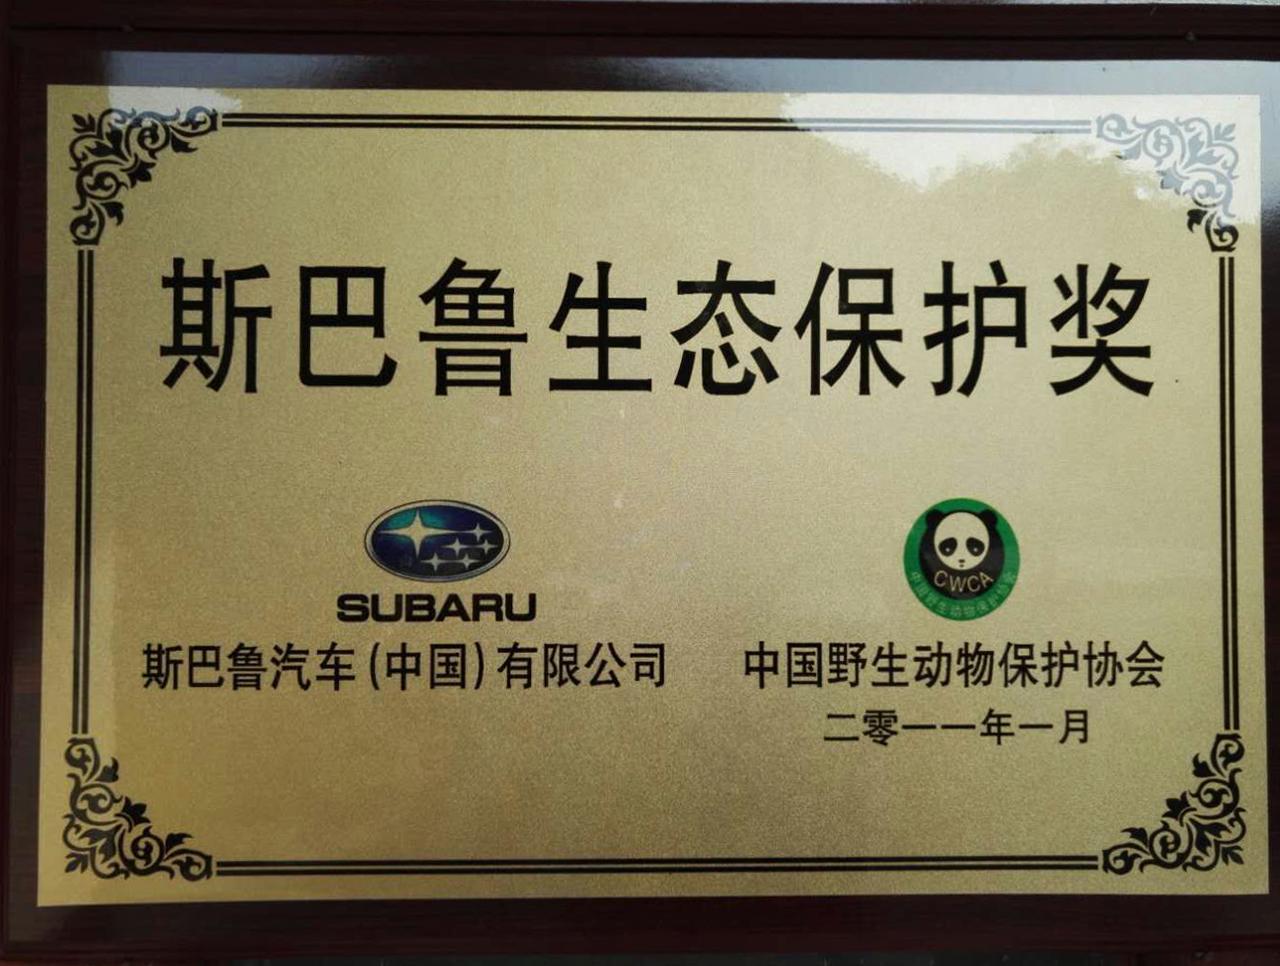 斯巴鲁生态保护奖